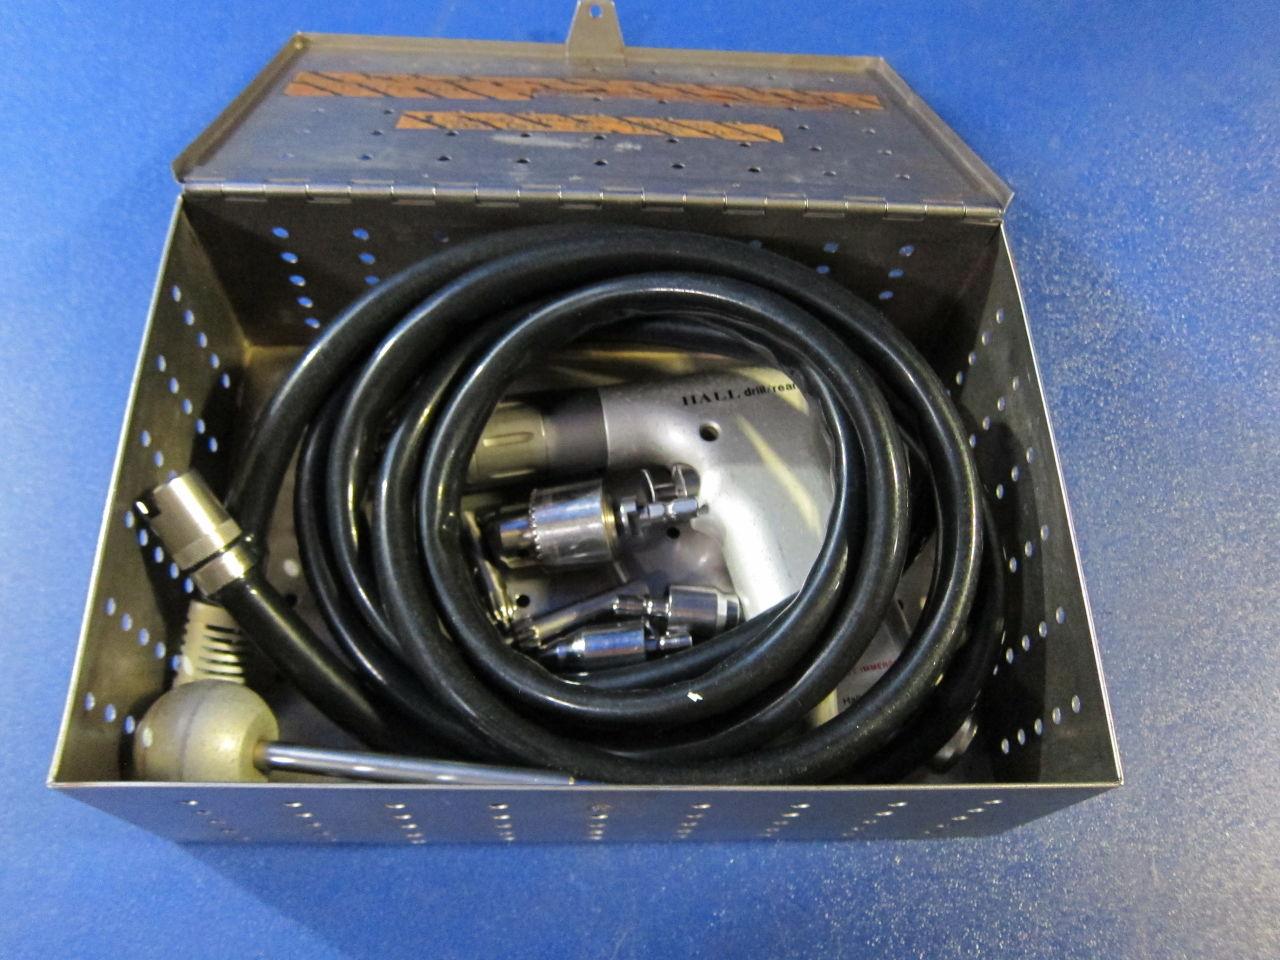 ZIMMER HALL 5044-01 Drill/Reamer